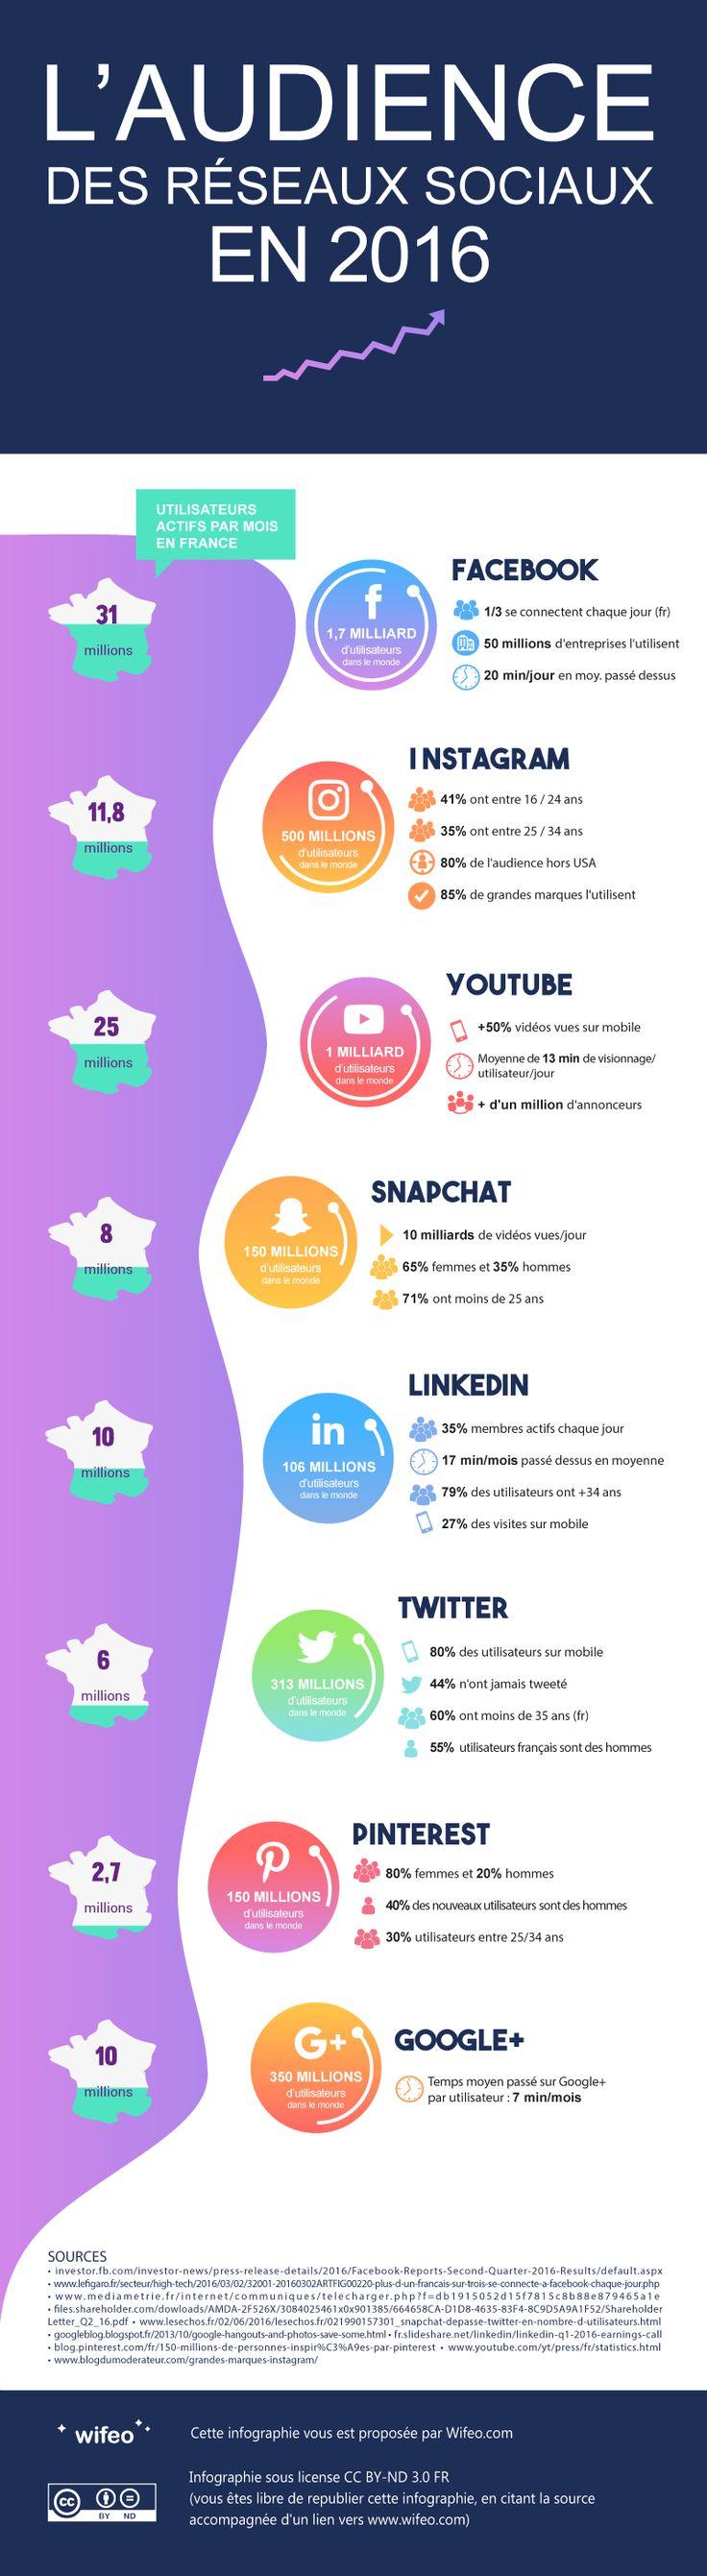 Les chiffres des réseaux sociaux en France et dans le monde en 2016 - Arobasenet.com